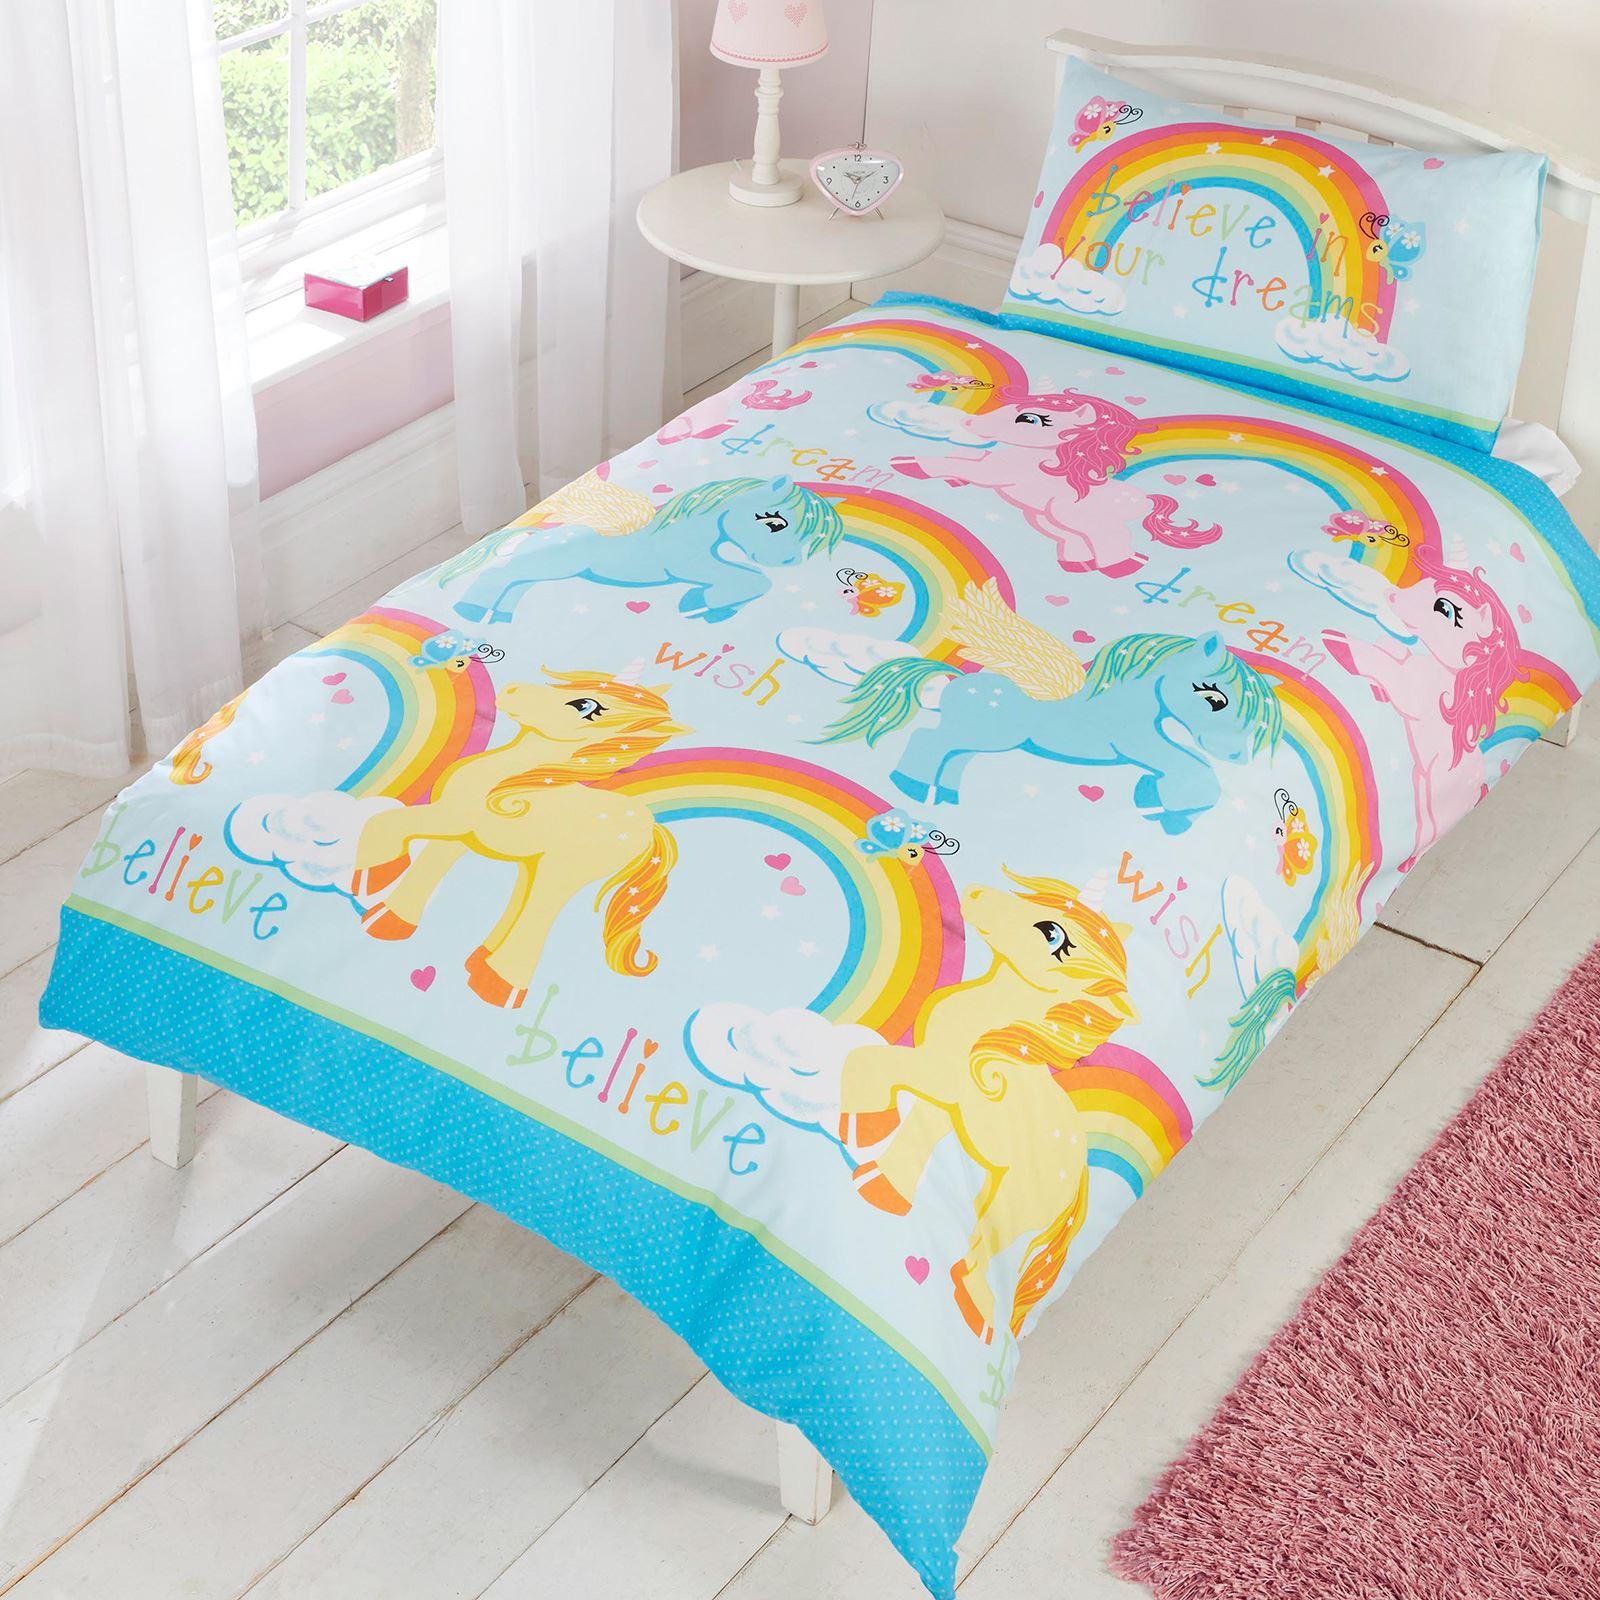 Ragazze copripiumino per letto singolo set biancheria da letto unicorno fiore ebay - Biancheria da letto amazon ...